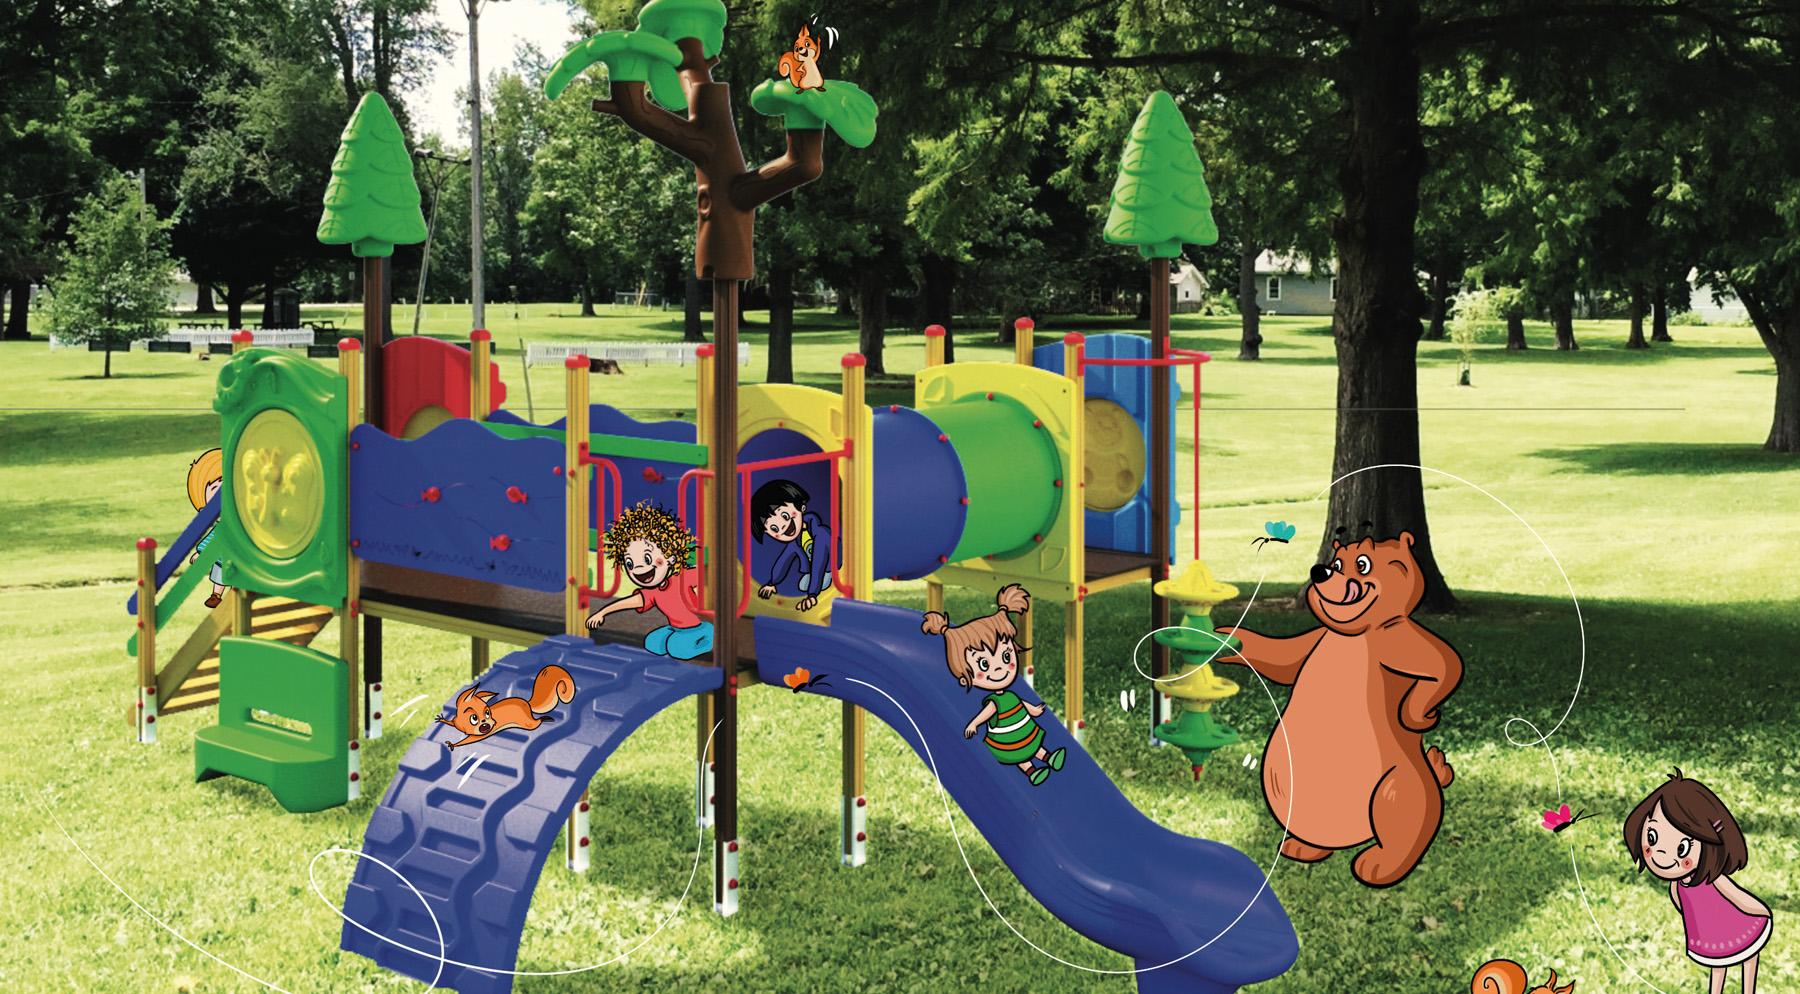 Giochi Per Bambini In Giardino giochi per parchi pubblici e arredo urbano | macagi